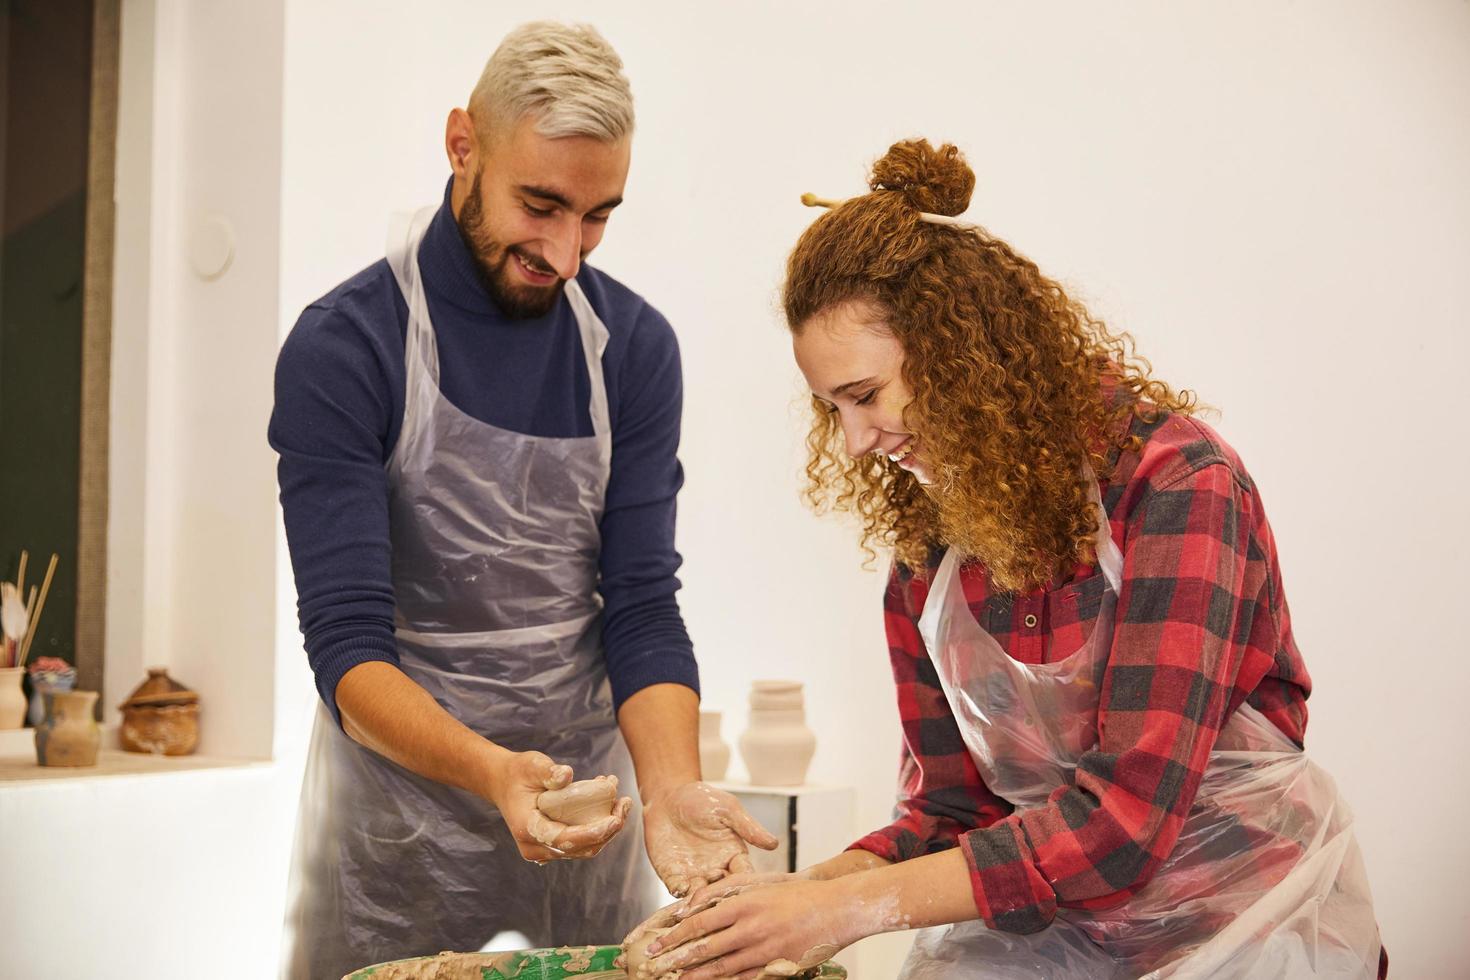 homme et fille façonnent un vase et sourient photo